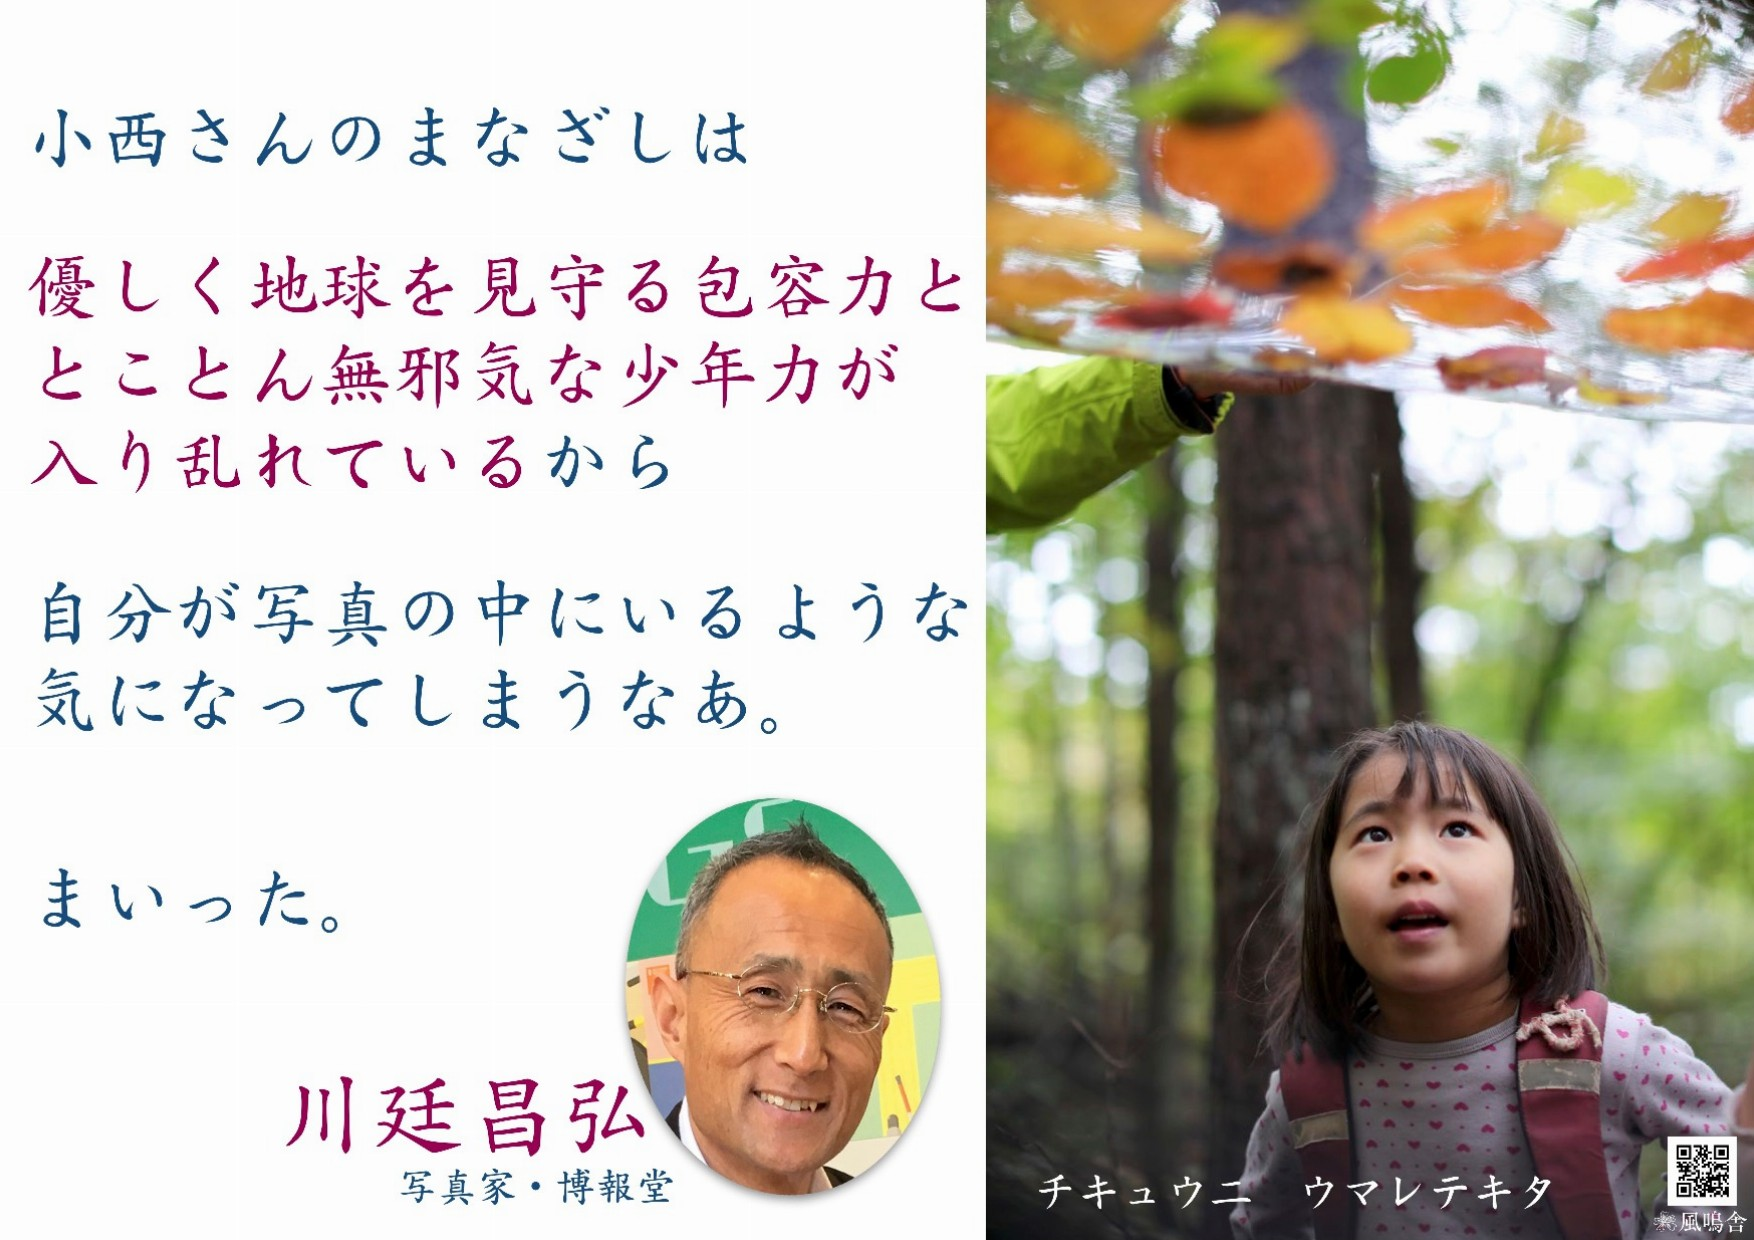 チキュウ二ウマレテキタ_推薦文7pop